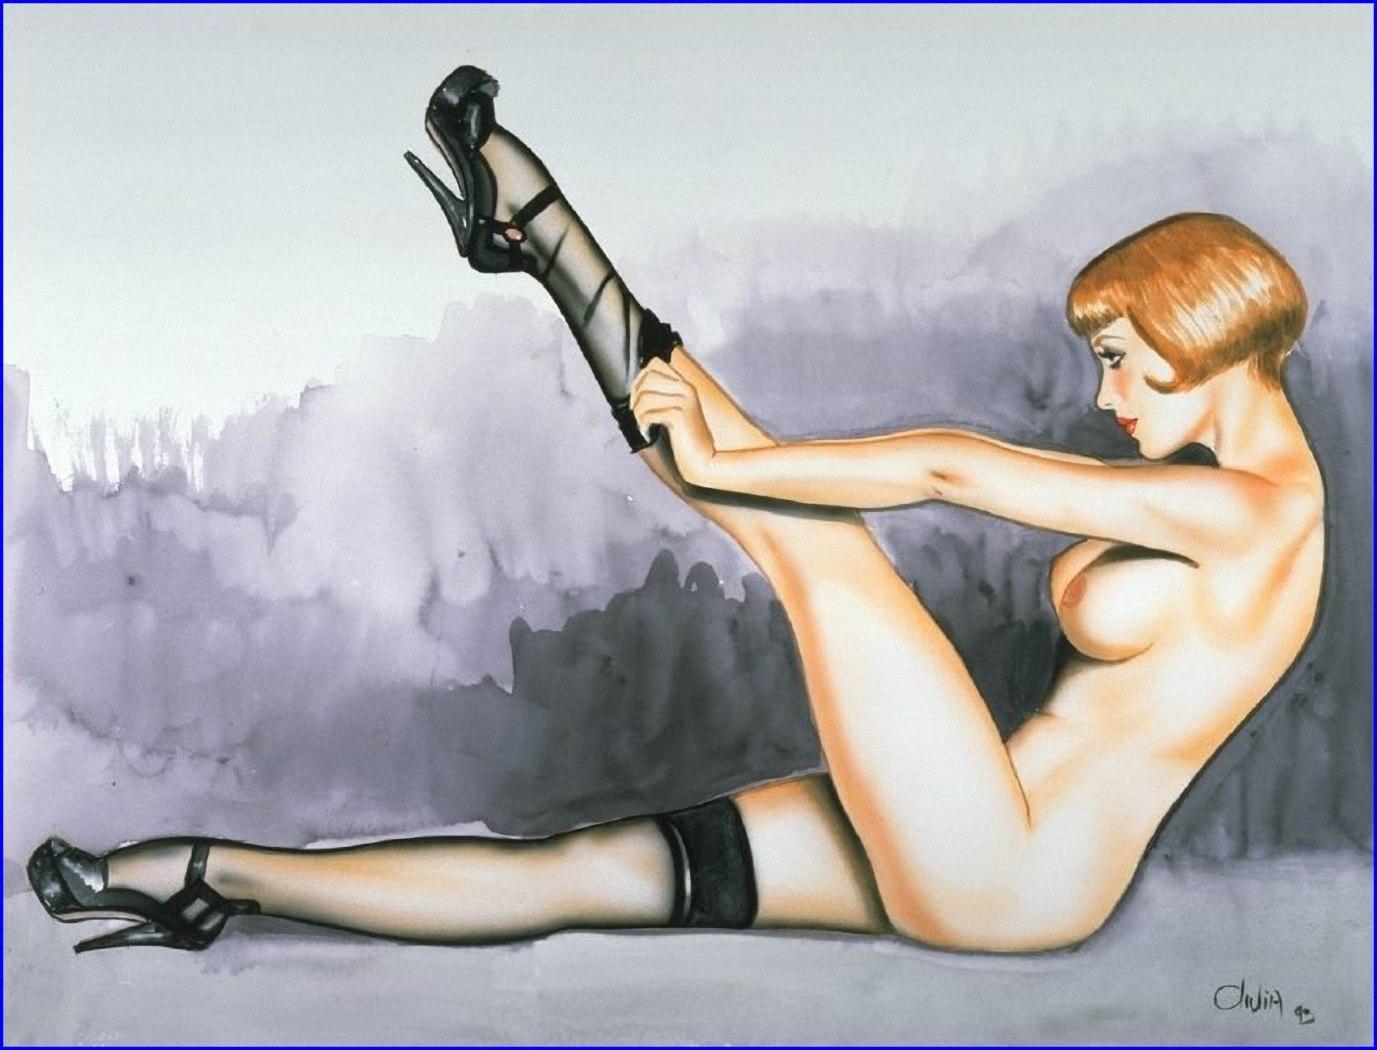 Художники рисующие эротические рисунки 8 фотография